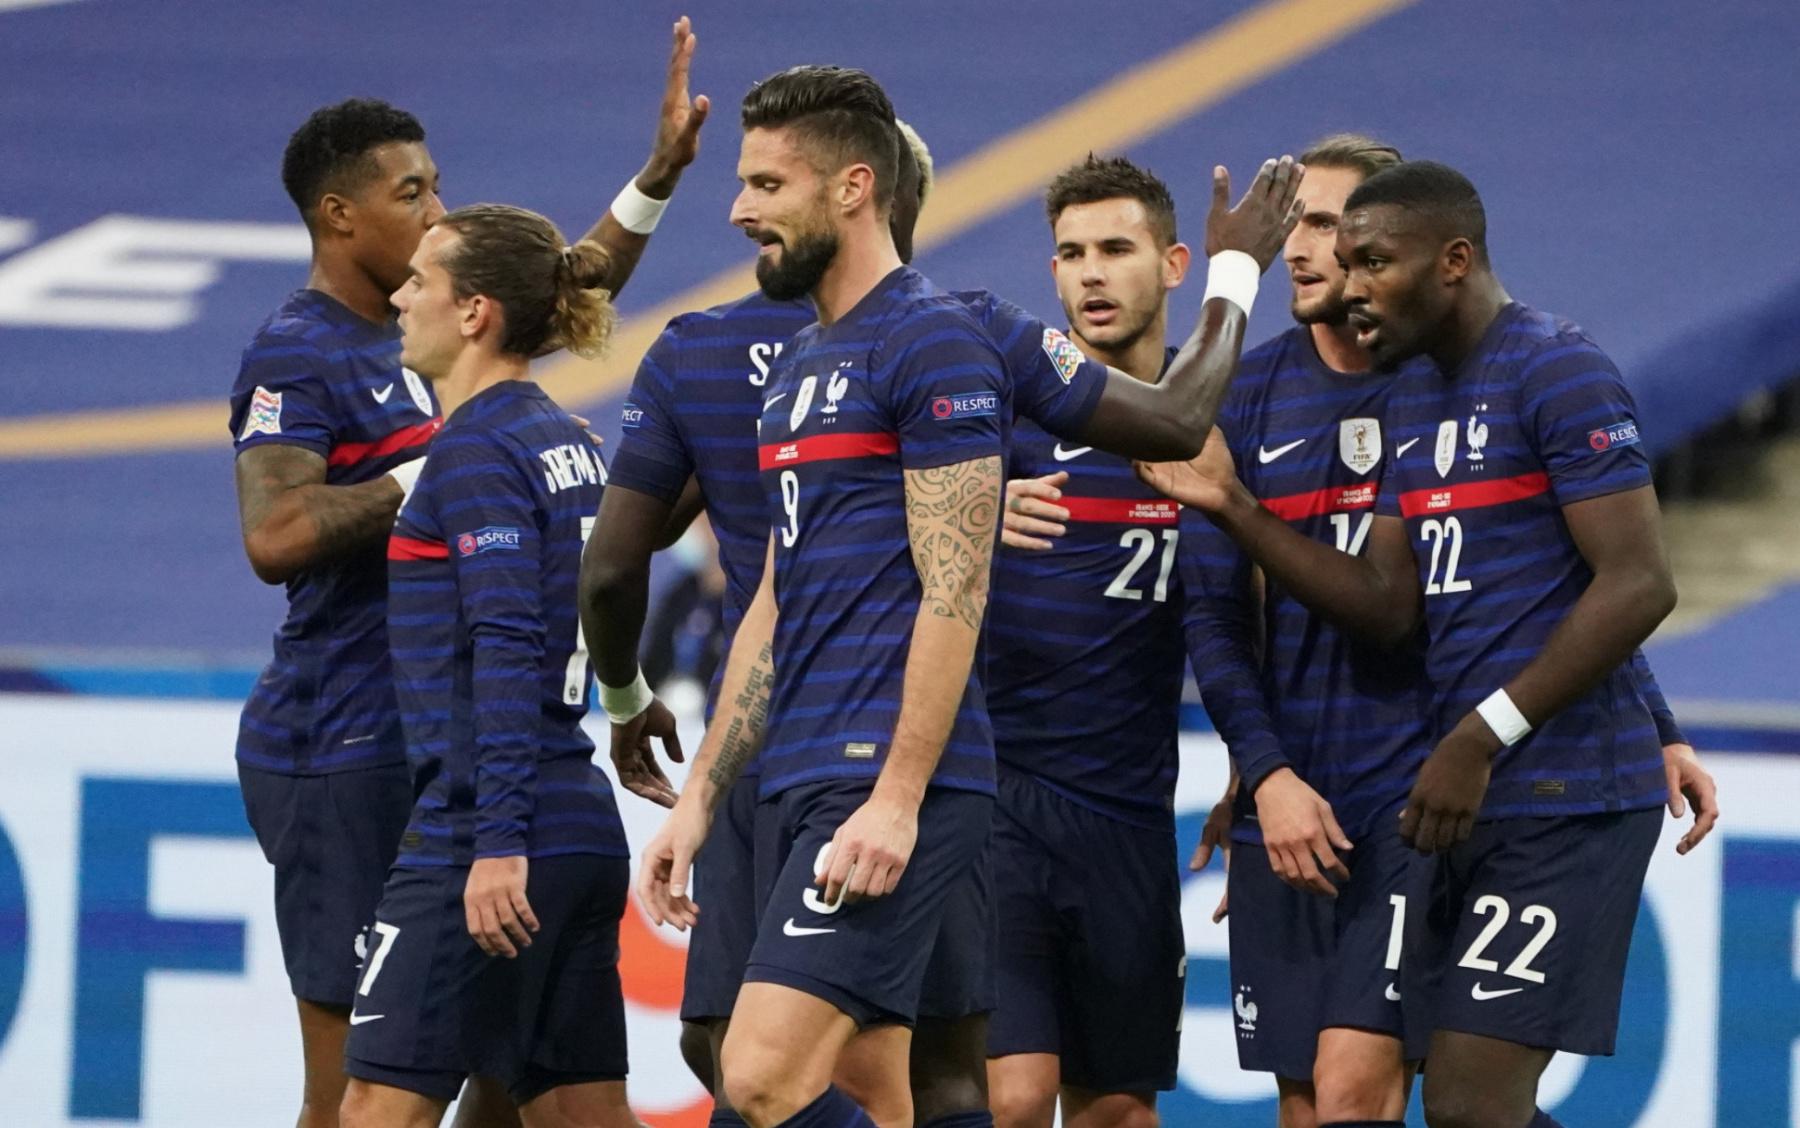 Équipe de France : le calendrier 2021 des Bleus avant l'Euro de